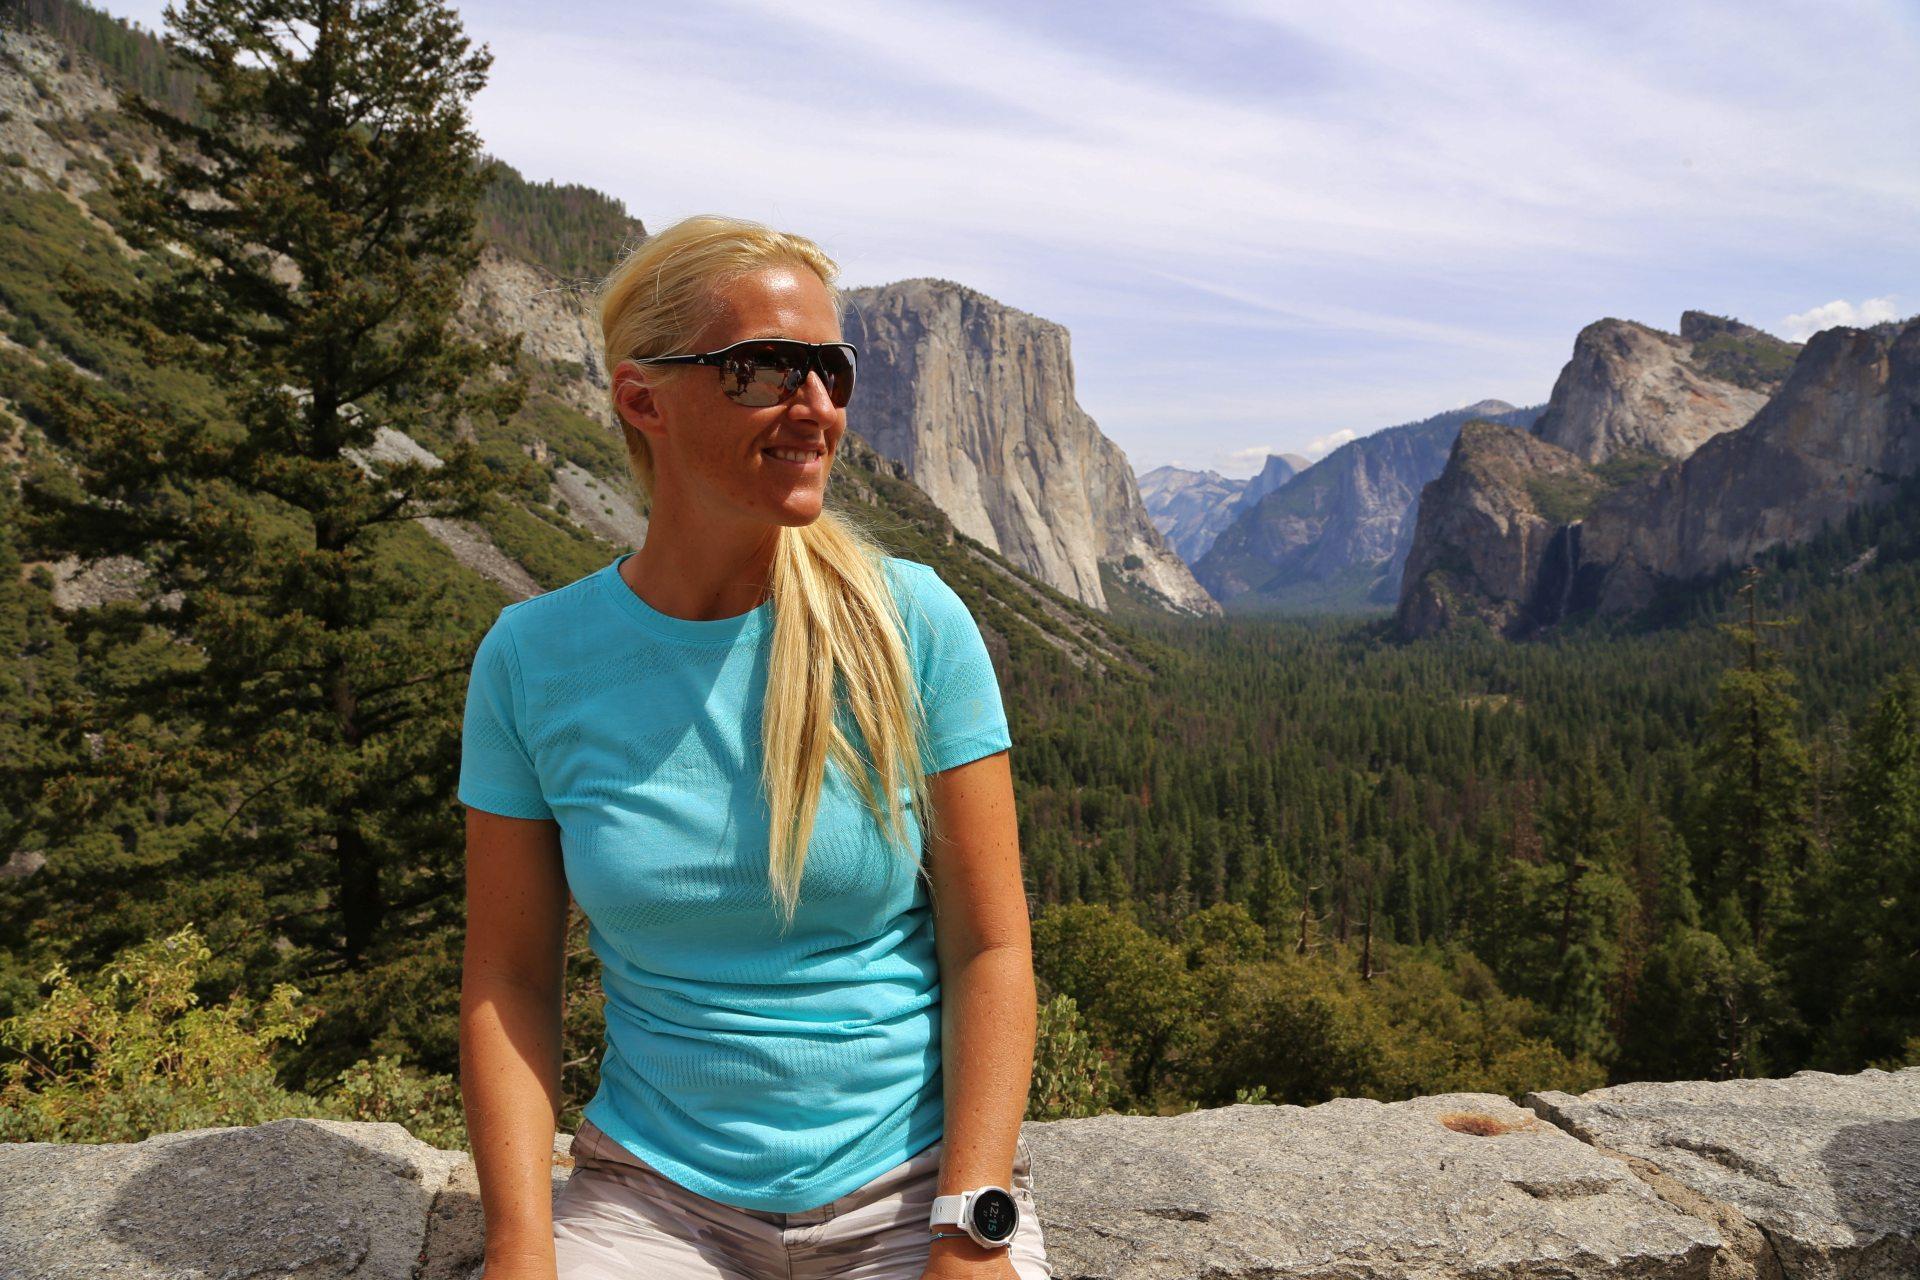 Gute Aussichten um Sofia abzulichten. Tunnel View - Aussicht, Bäume, Berge, Blondine, Bridalveil Falls, Cathedral Rocks, El Capitan, Felswände, Fernsicht, Gipfel, Himmel, Kalifornien, Landschaft, malerisch, Natur, Panorama, Personen, Portrait, Porträt, Sentinel Dome, traumhaft, Tunnel View, Wolken, Yosemite National Park - HOFBAUER-HOFMANN Sofia - (Foresta, Yosemite National Park, California, Vereinigte Staaten)